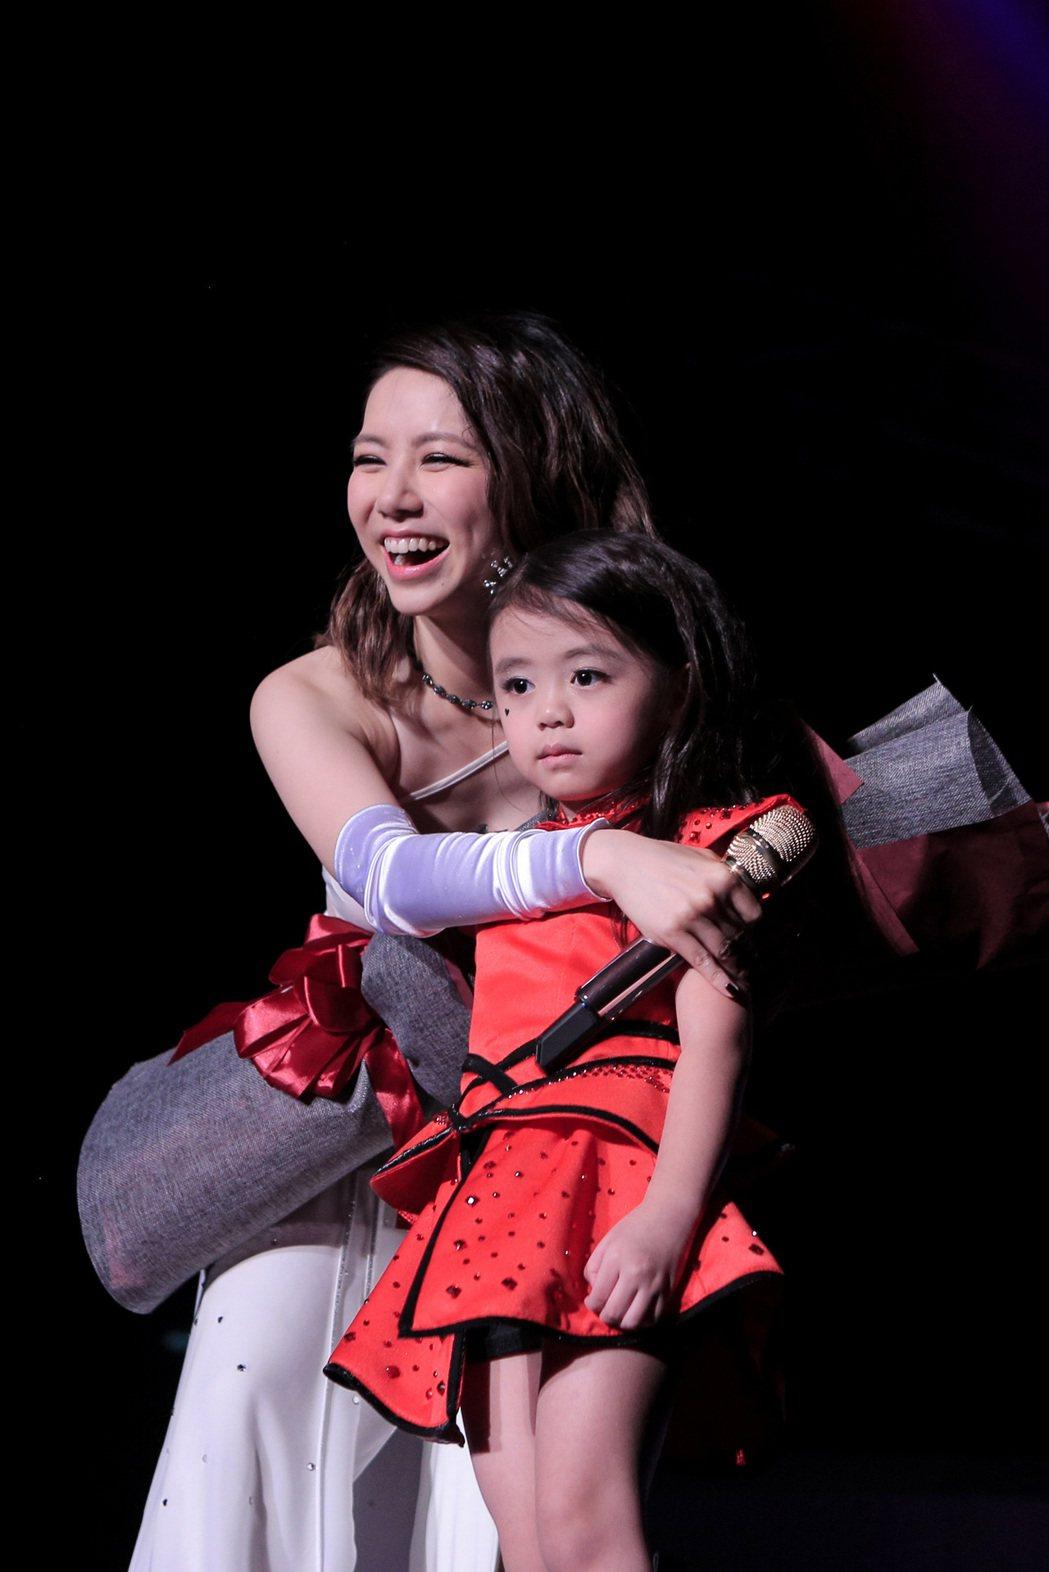 5歲女孩喜歡鄧紫棋3年。圖/蜂鳥音樂提供